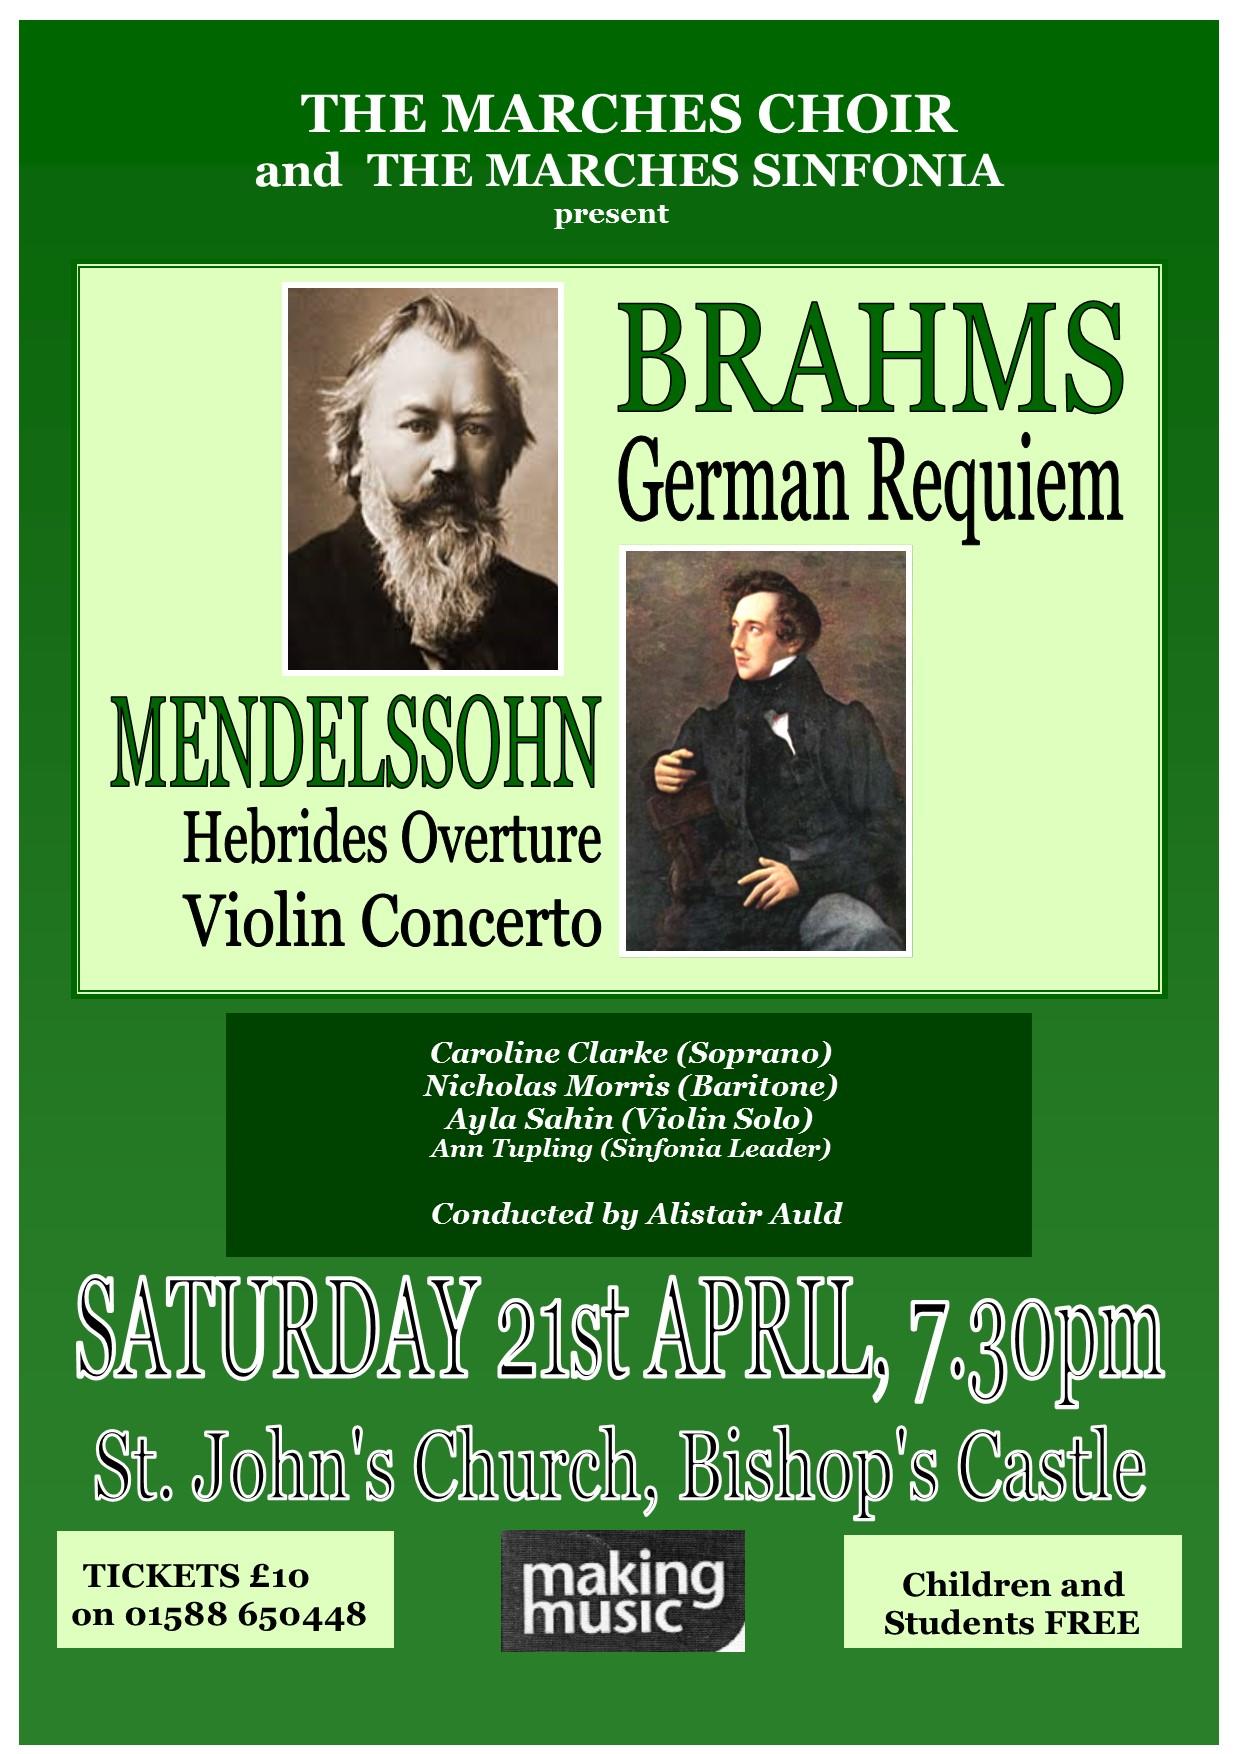 Brahm's German Requiem | Making Music